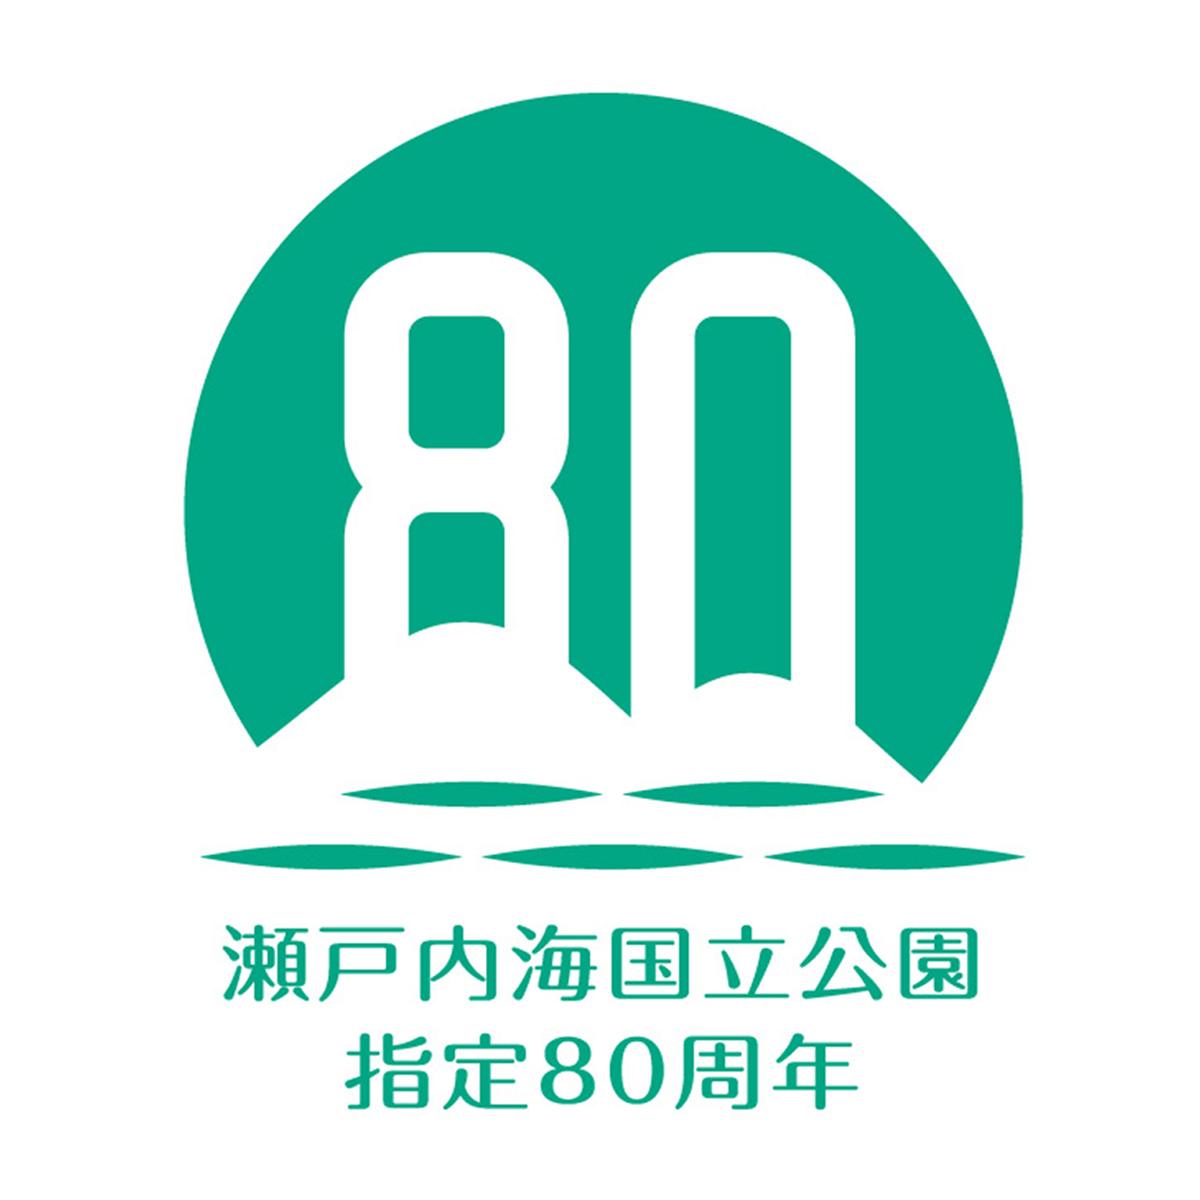 瀬戸内海国立公園指定80周年 ロゴマーク